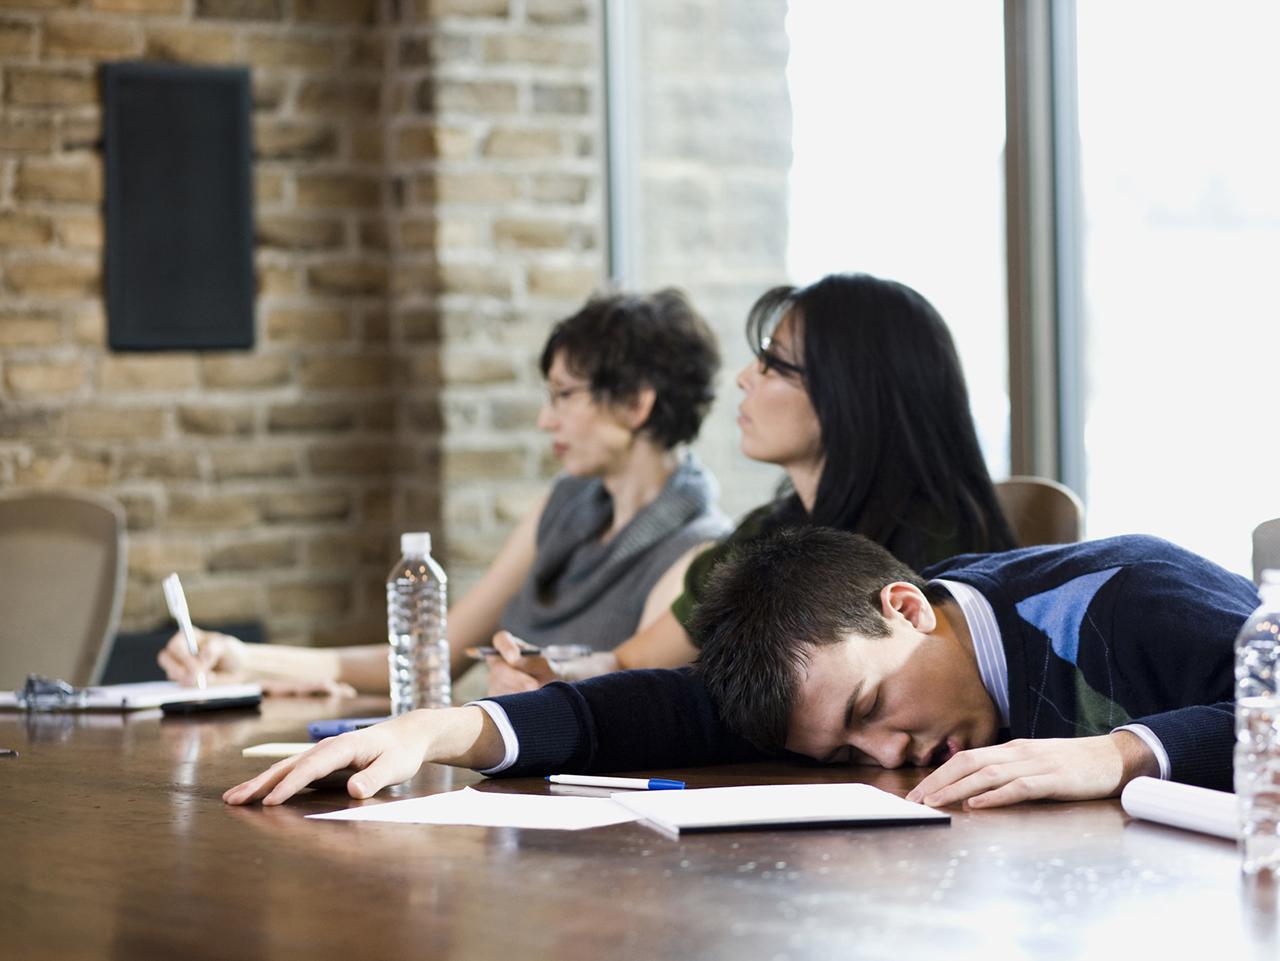 micción frecuente y falta de sueño